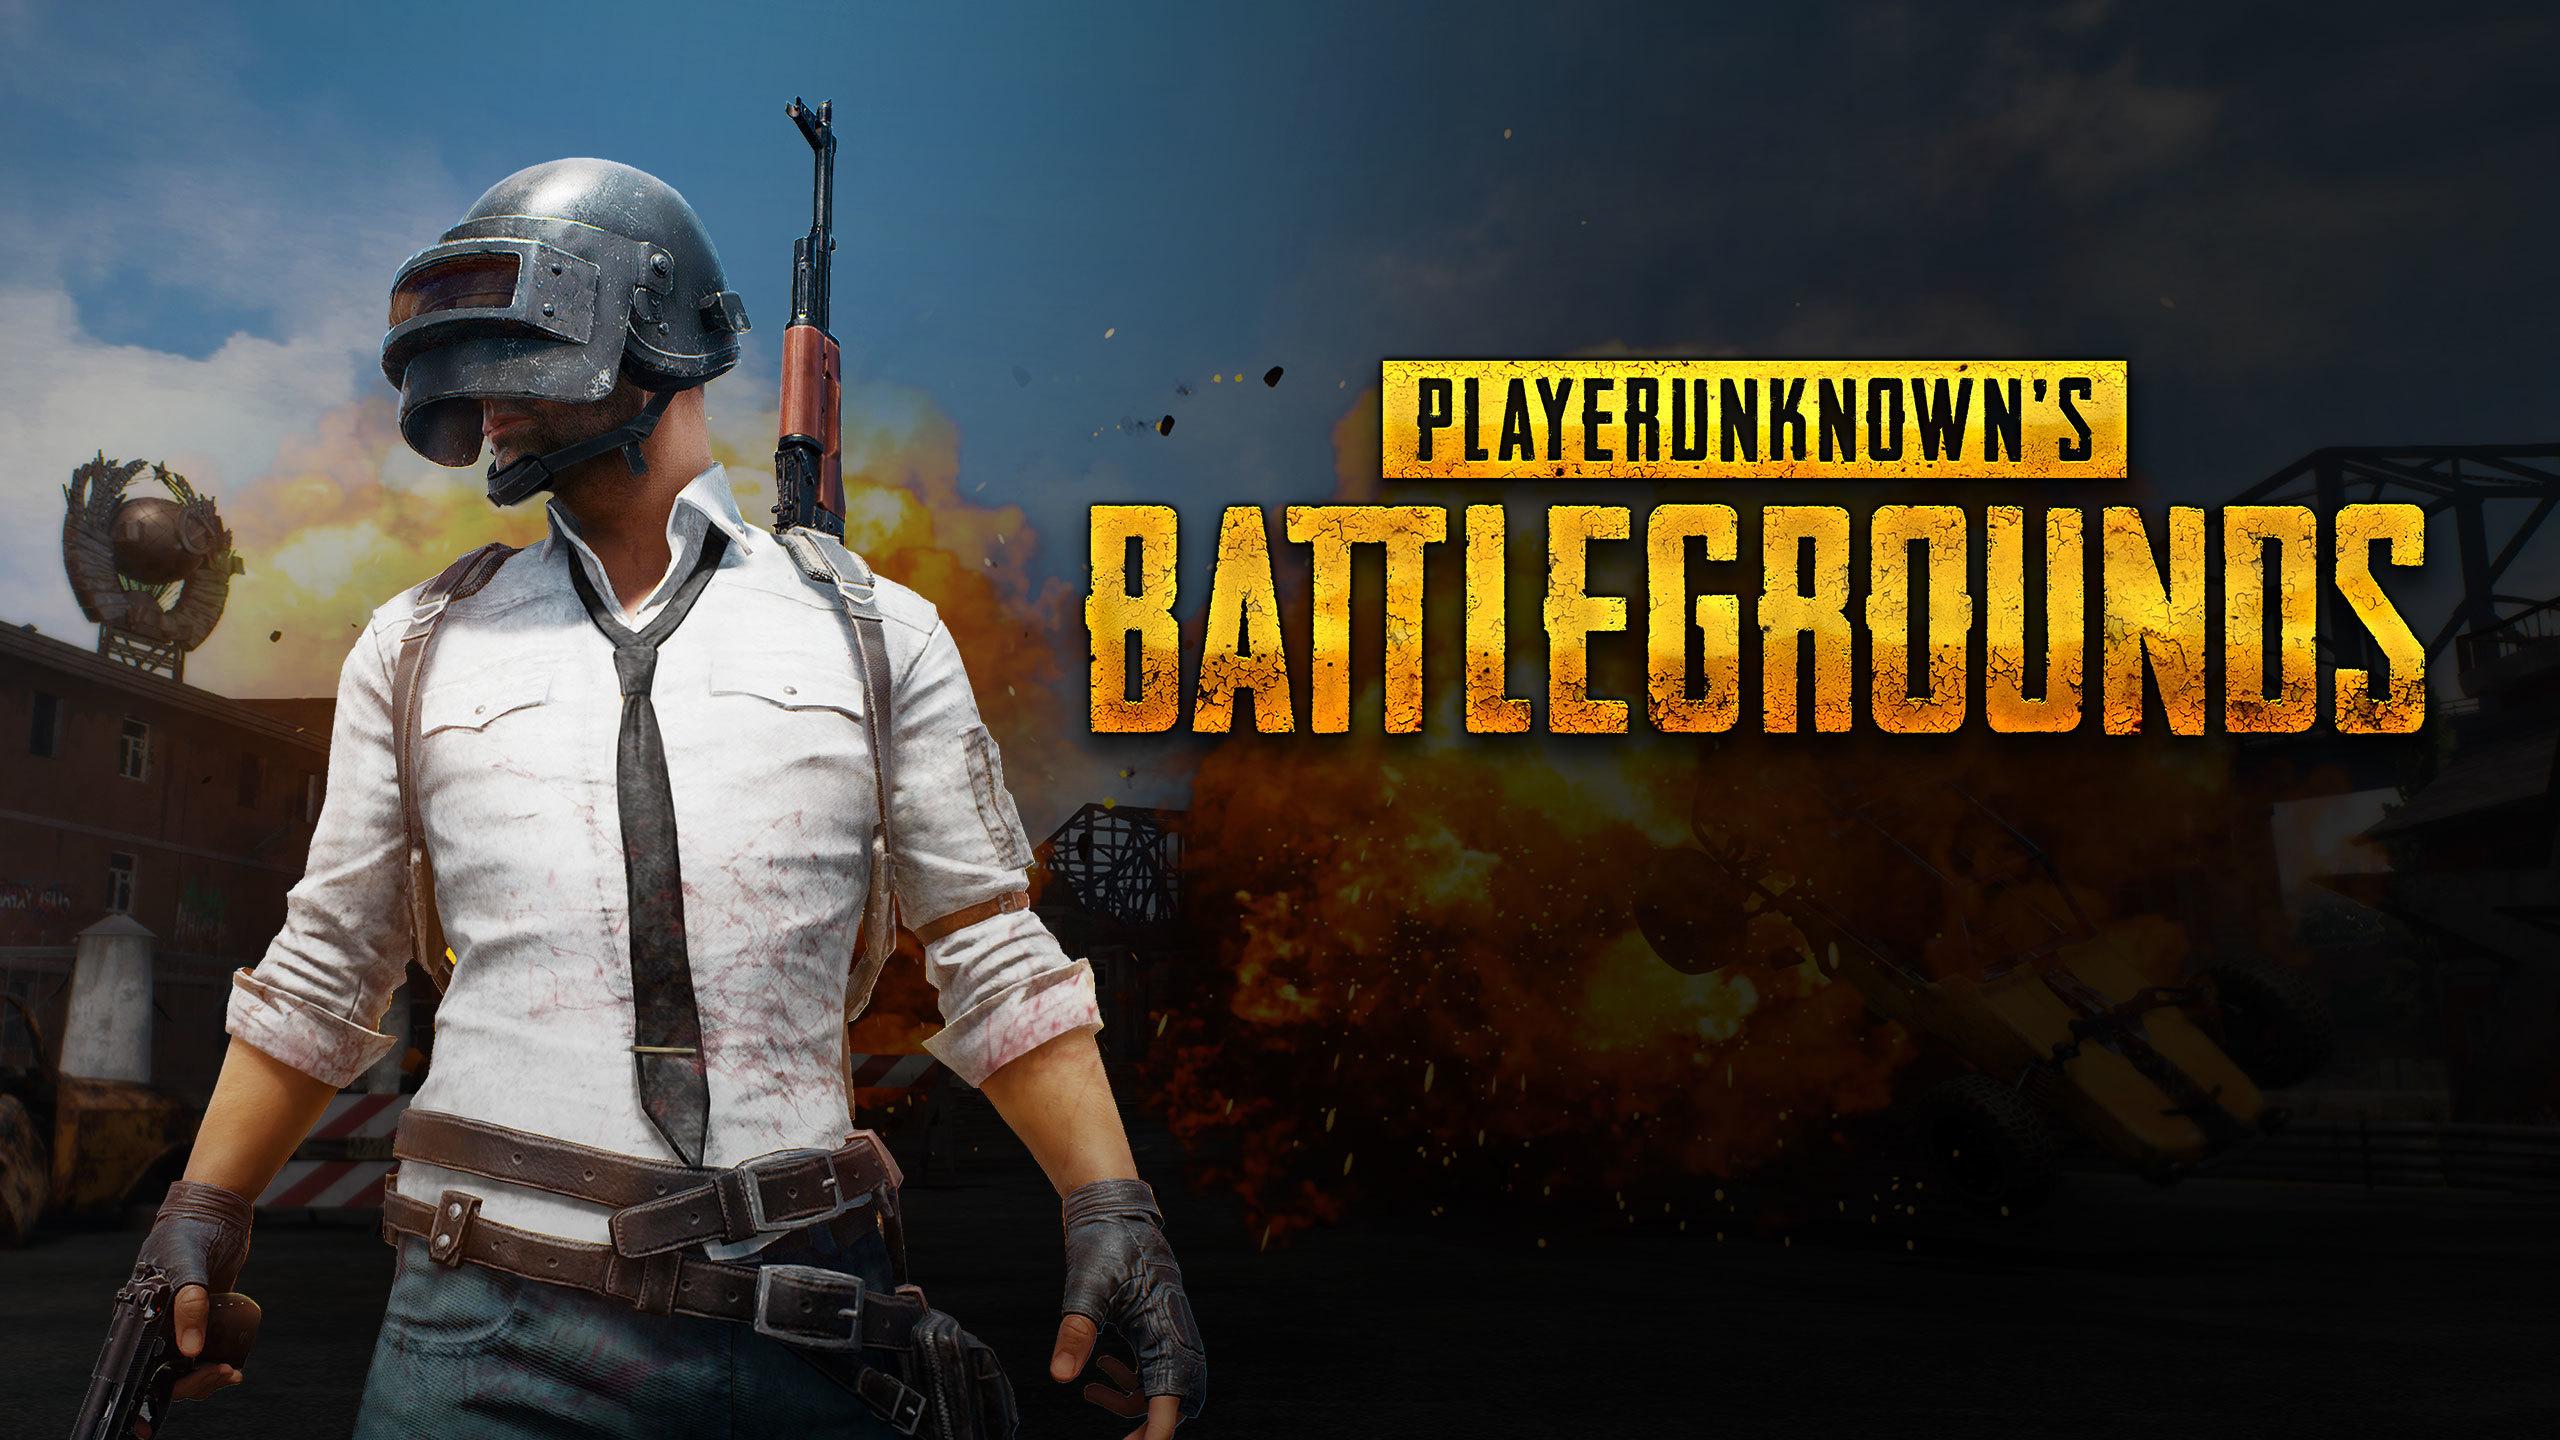 Популярная PlayerUnknown's Battlegrounds (PUBG) вышла на iOS